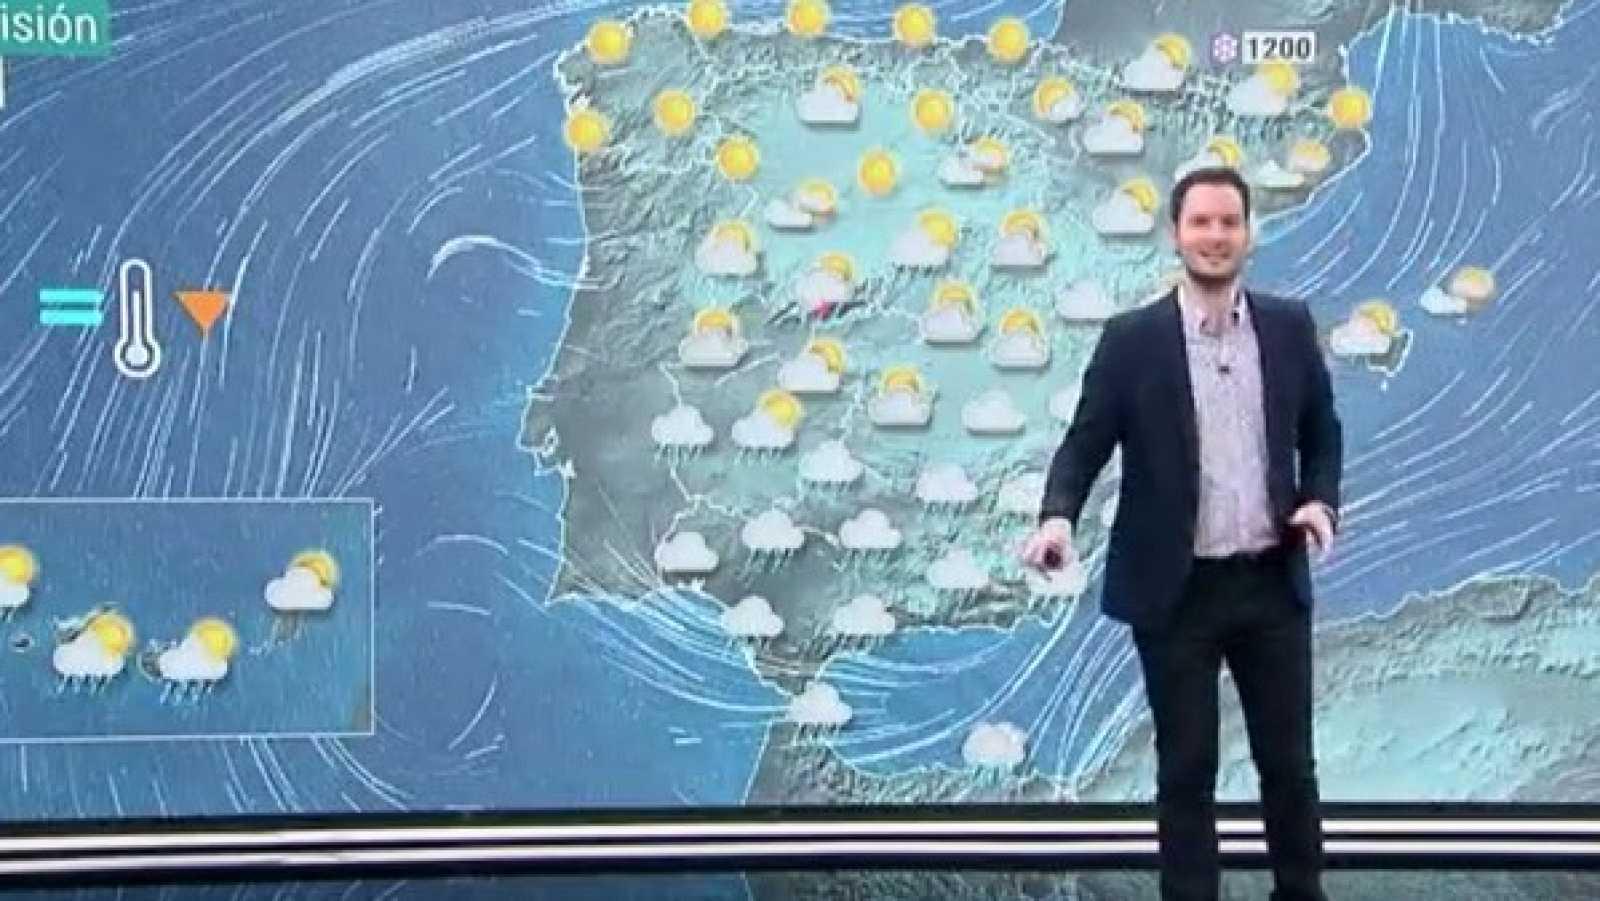 La Aemet prevé lluvias fuertes en el extremo sureste peninsular y en Melilla